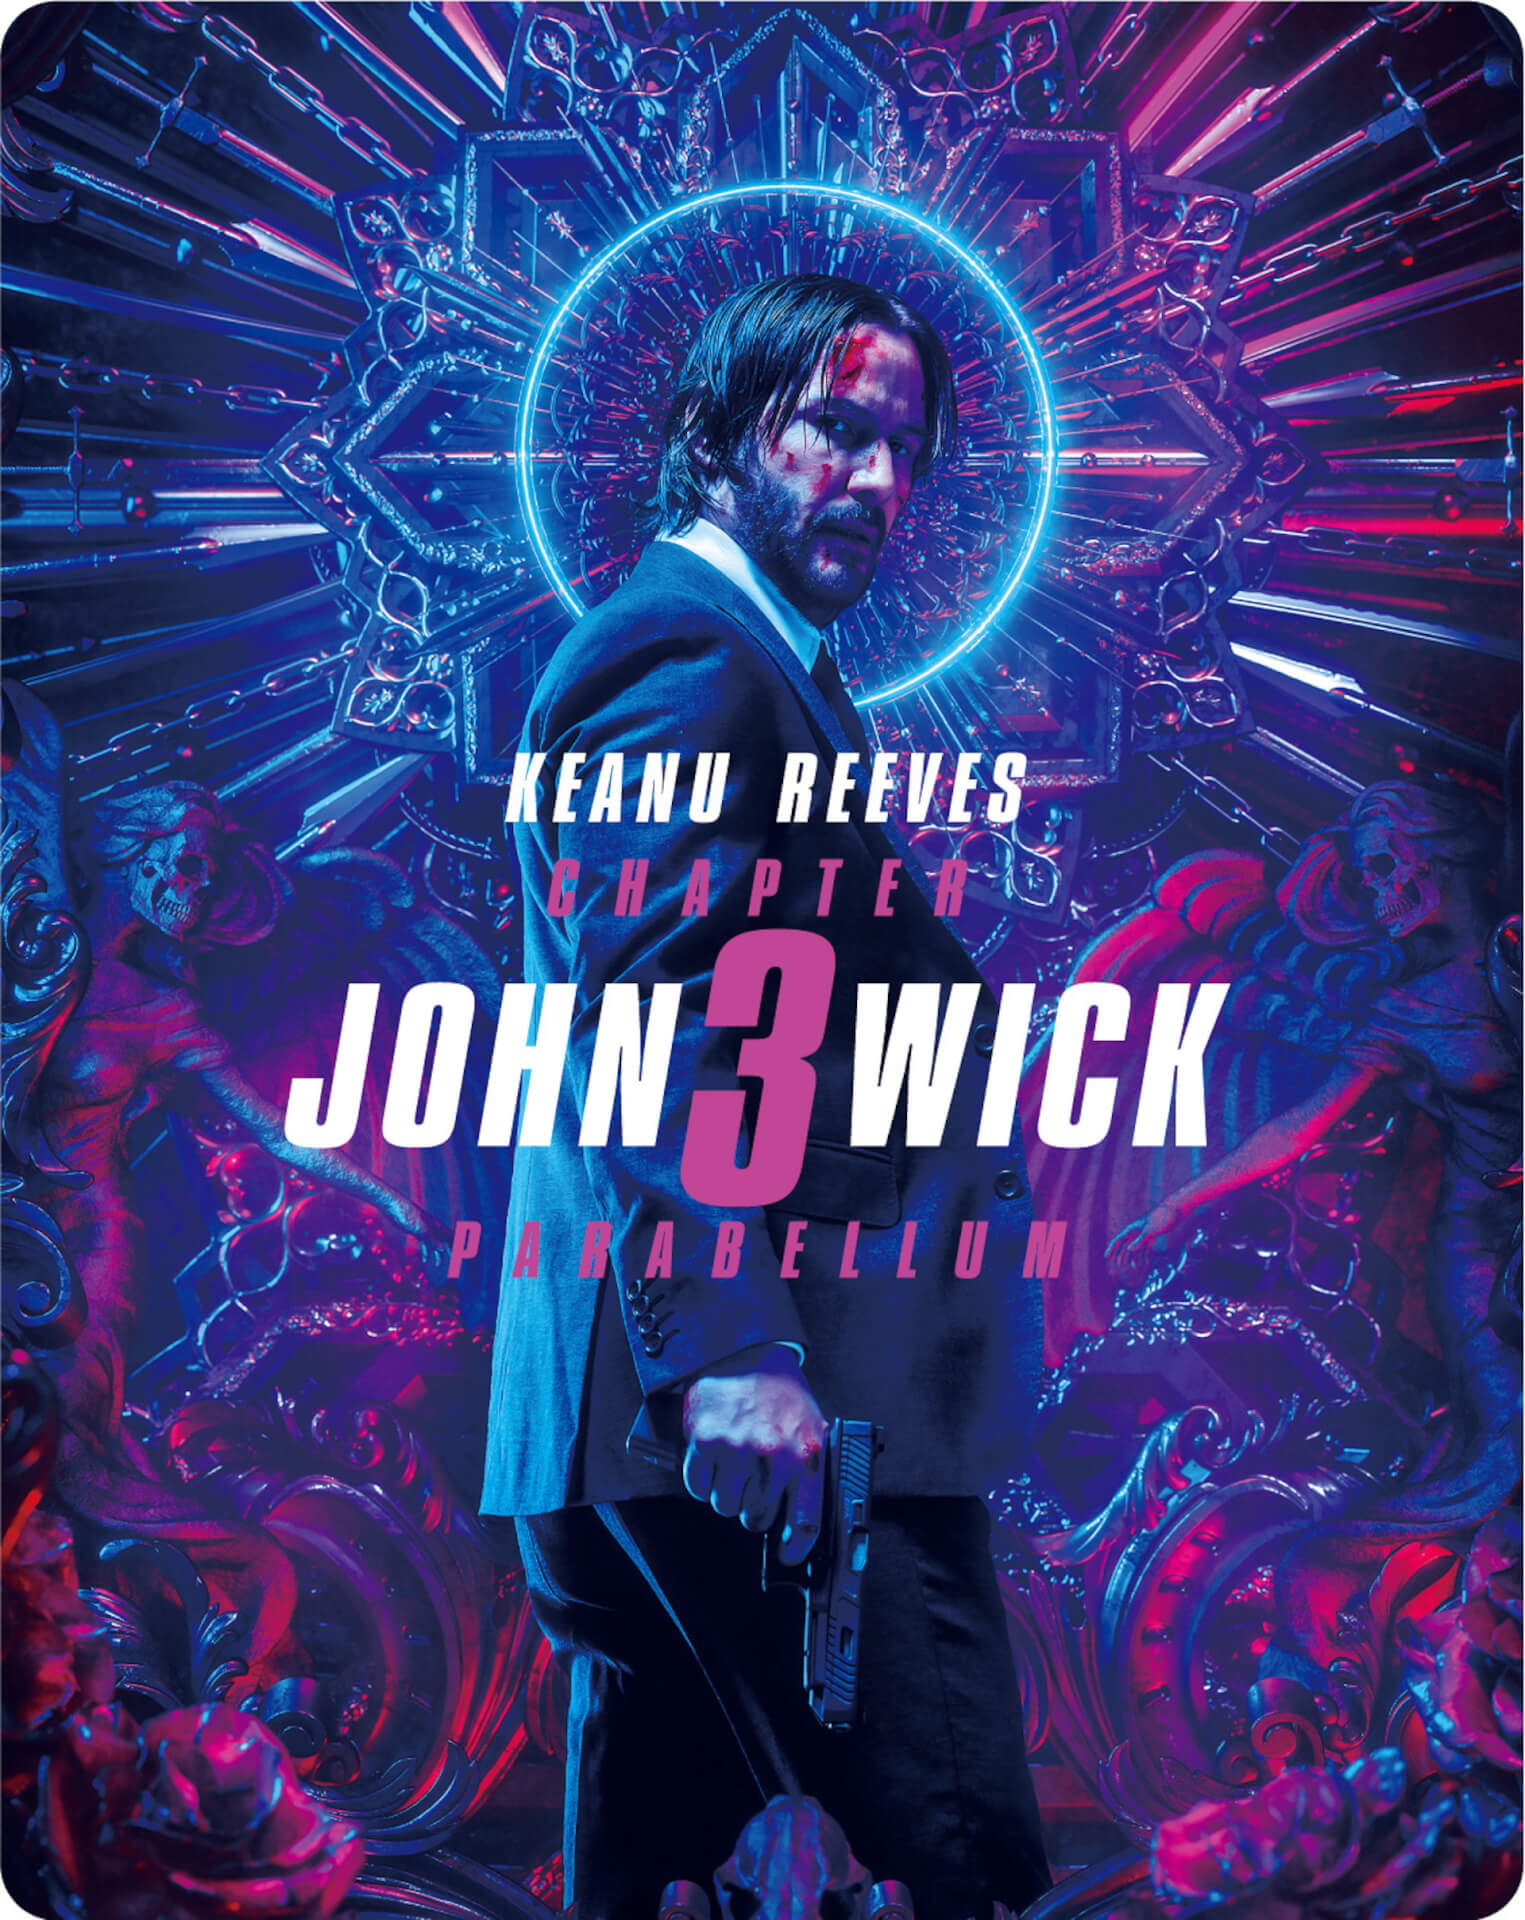 キアヌ・リーブスがあなたの家でガン・フーを披露!『ジョン・ウィック:パラベラム』Blu-ray&DVD、デジタル配信決定 video191225_johnwick_5